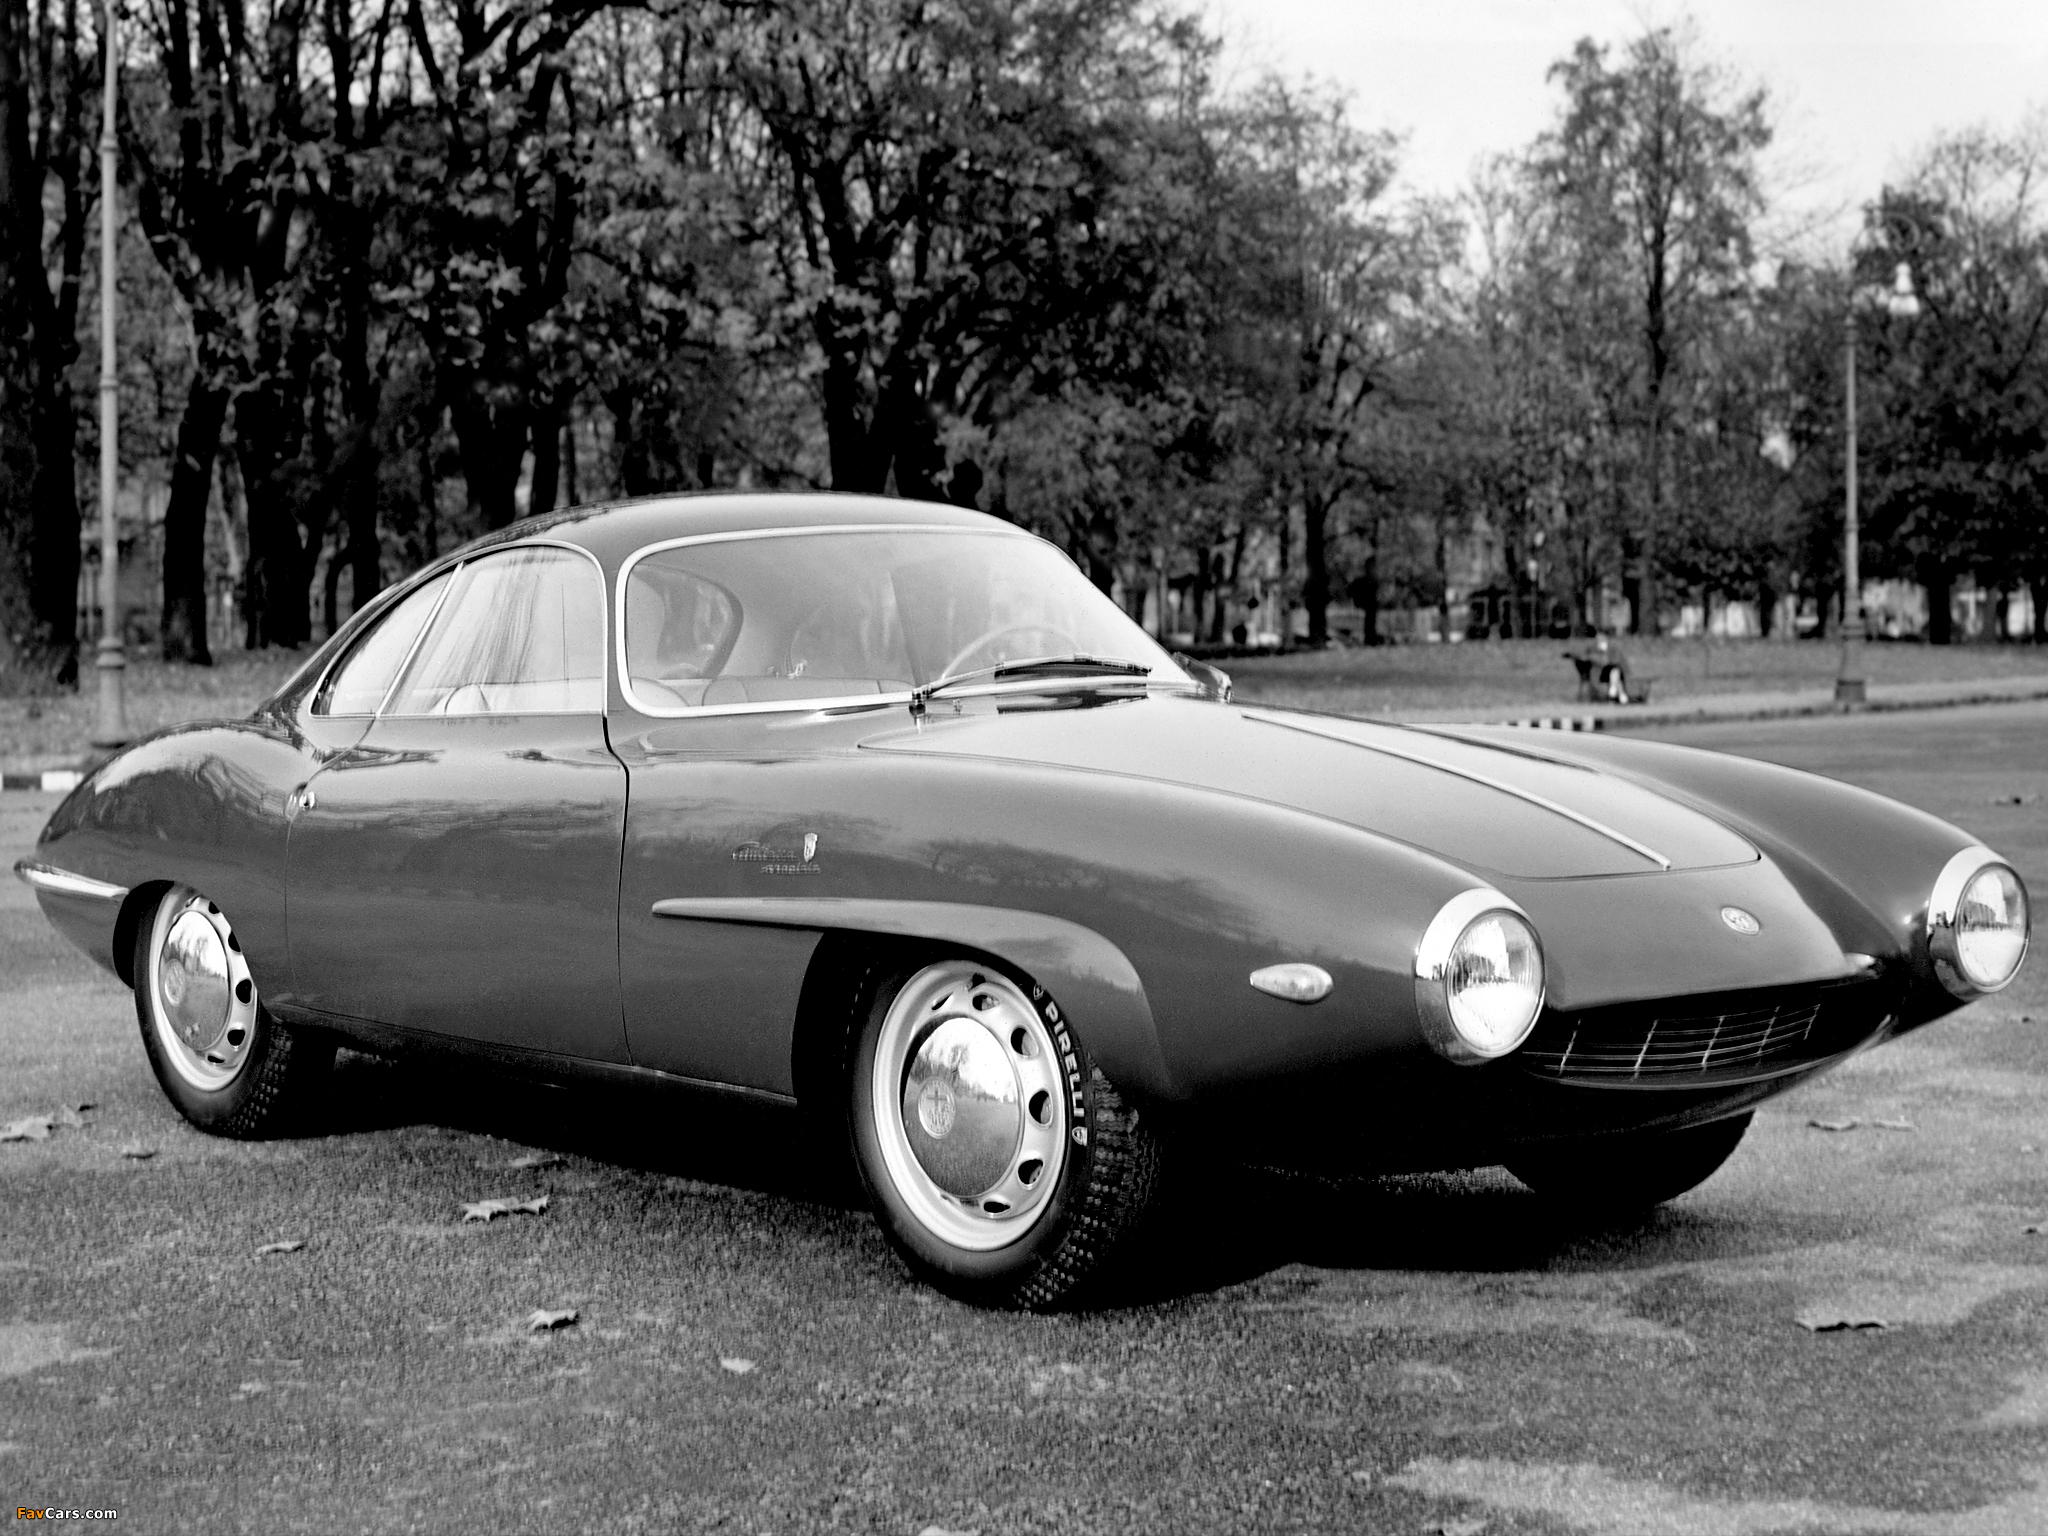 Alfa romeo giulietta sprint veloce 1956 for sale 18